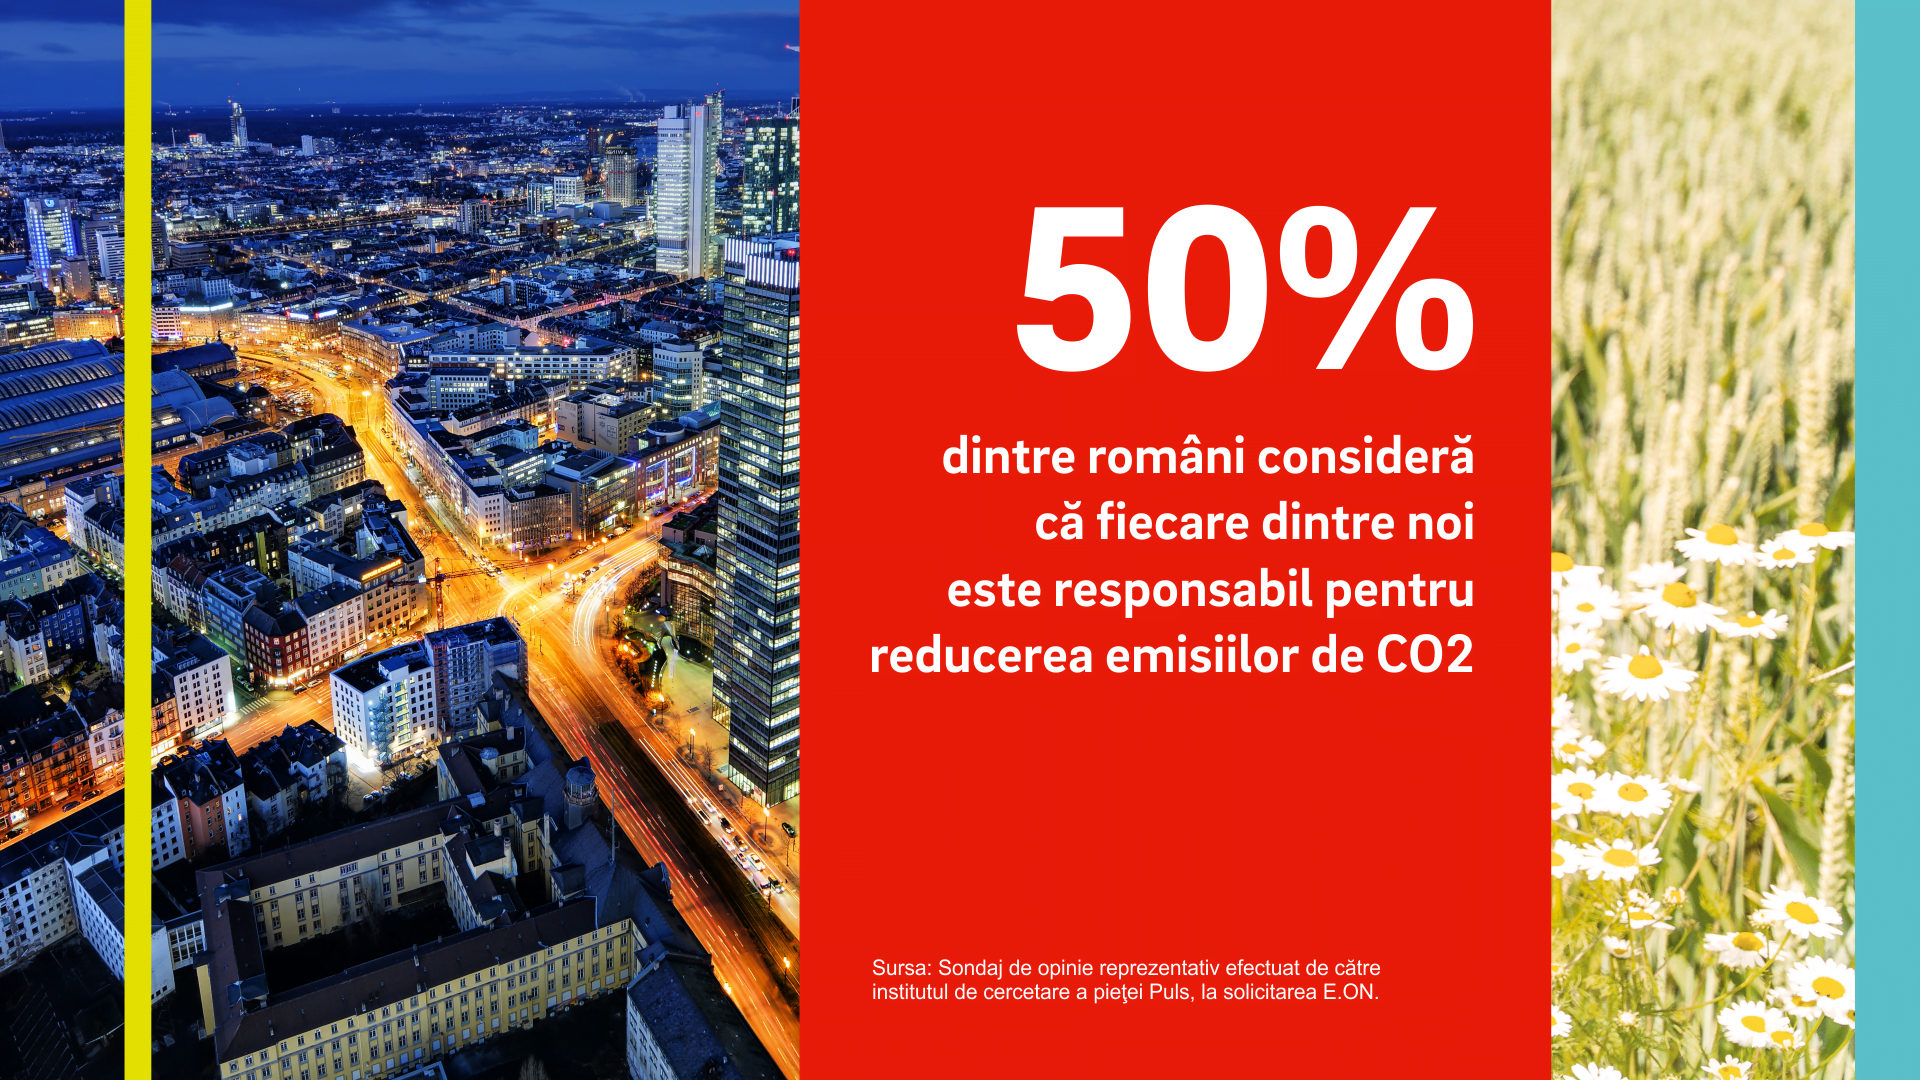 Studiu E.ON: 50% dintre români consideră că fiecare dintre noi este responsabil pentru reducerea emisiilor de dioxid de carbon